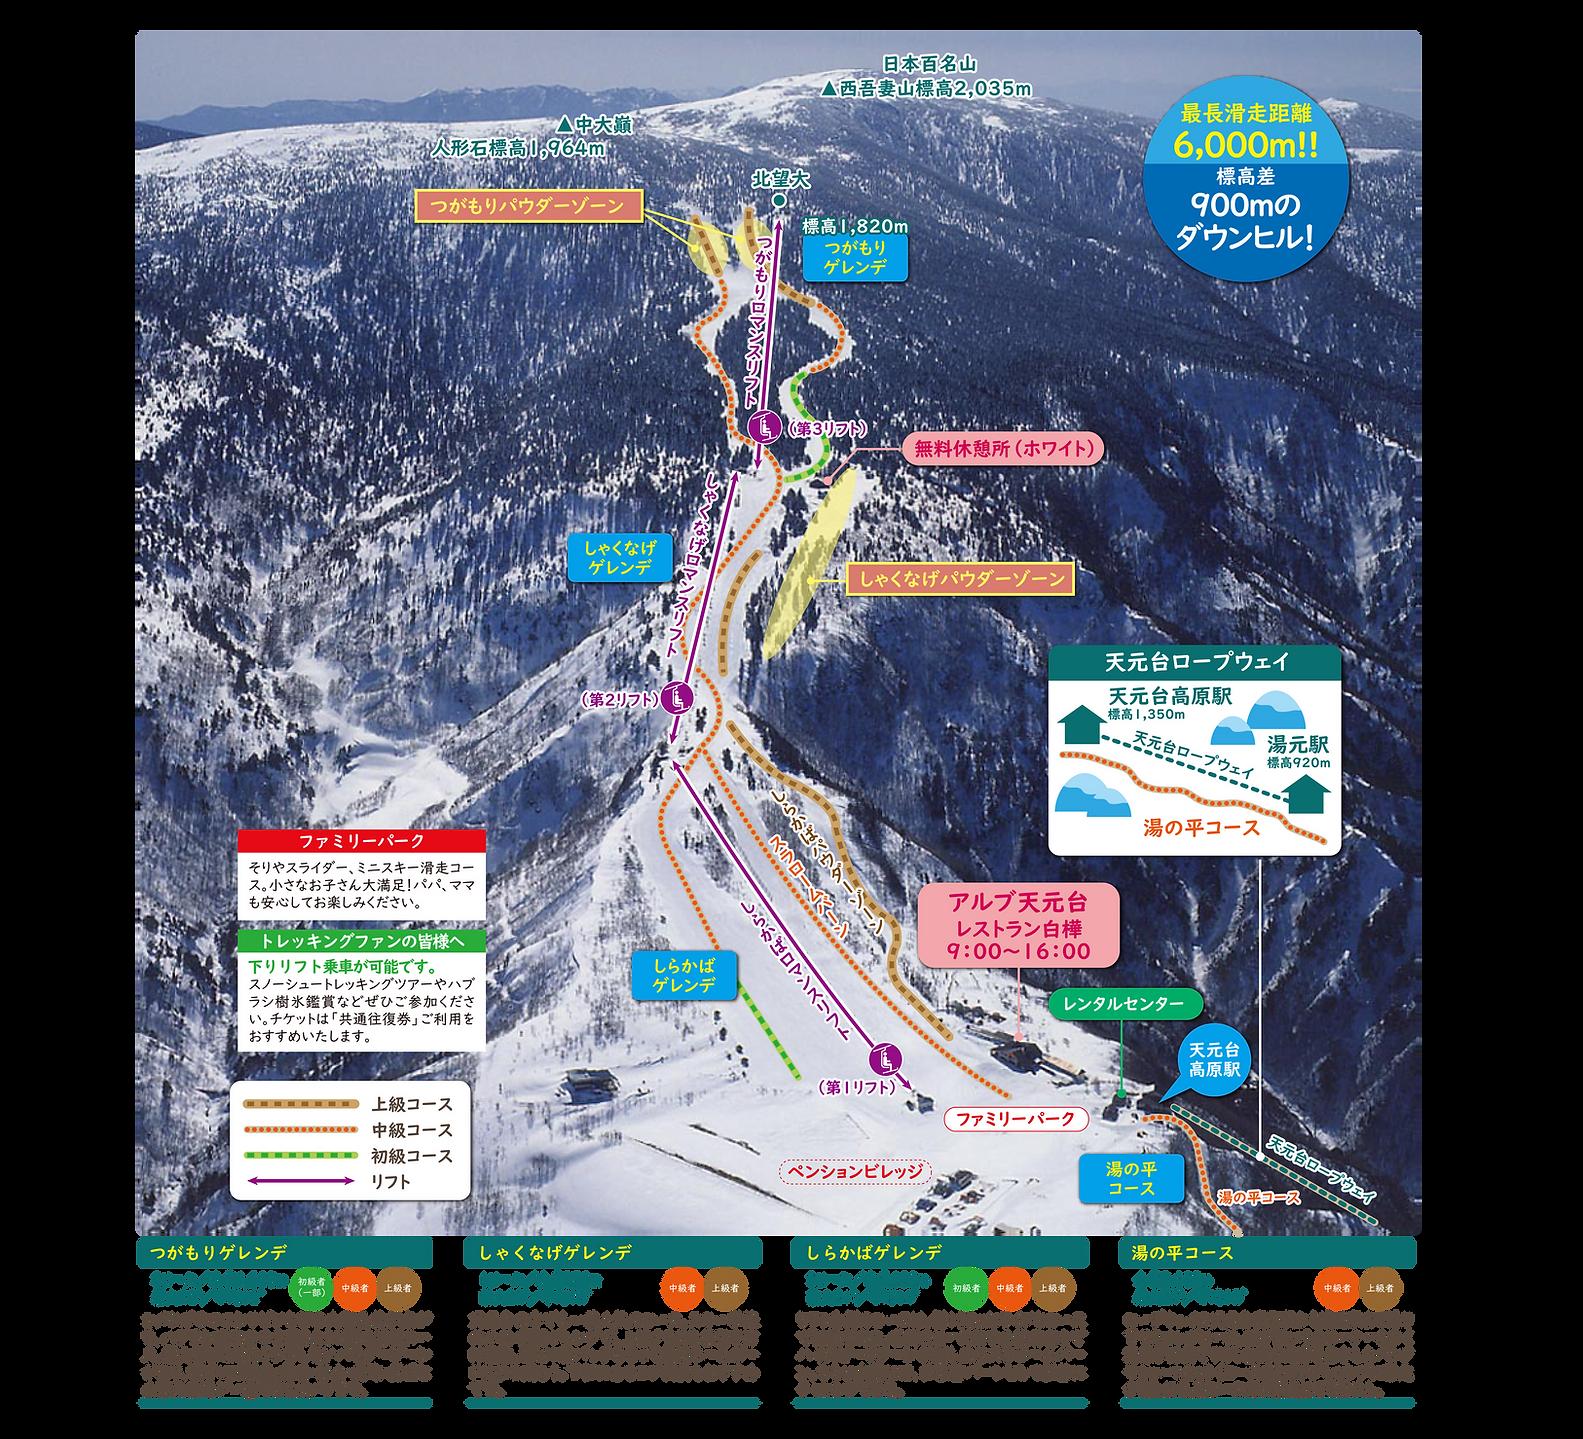 天元台スキー場コース